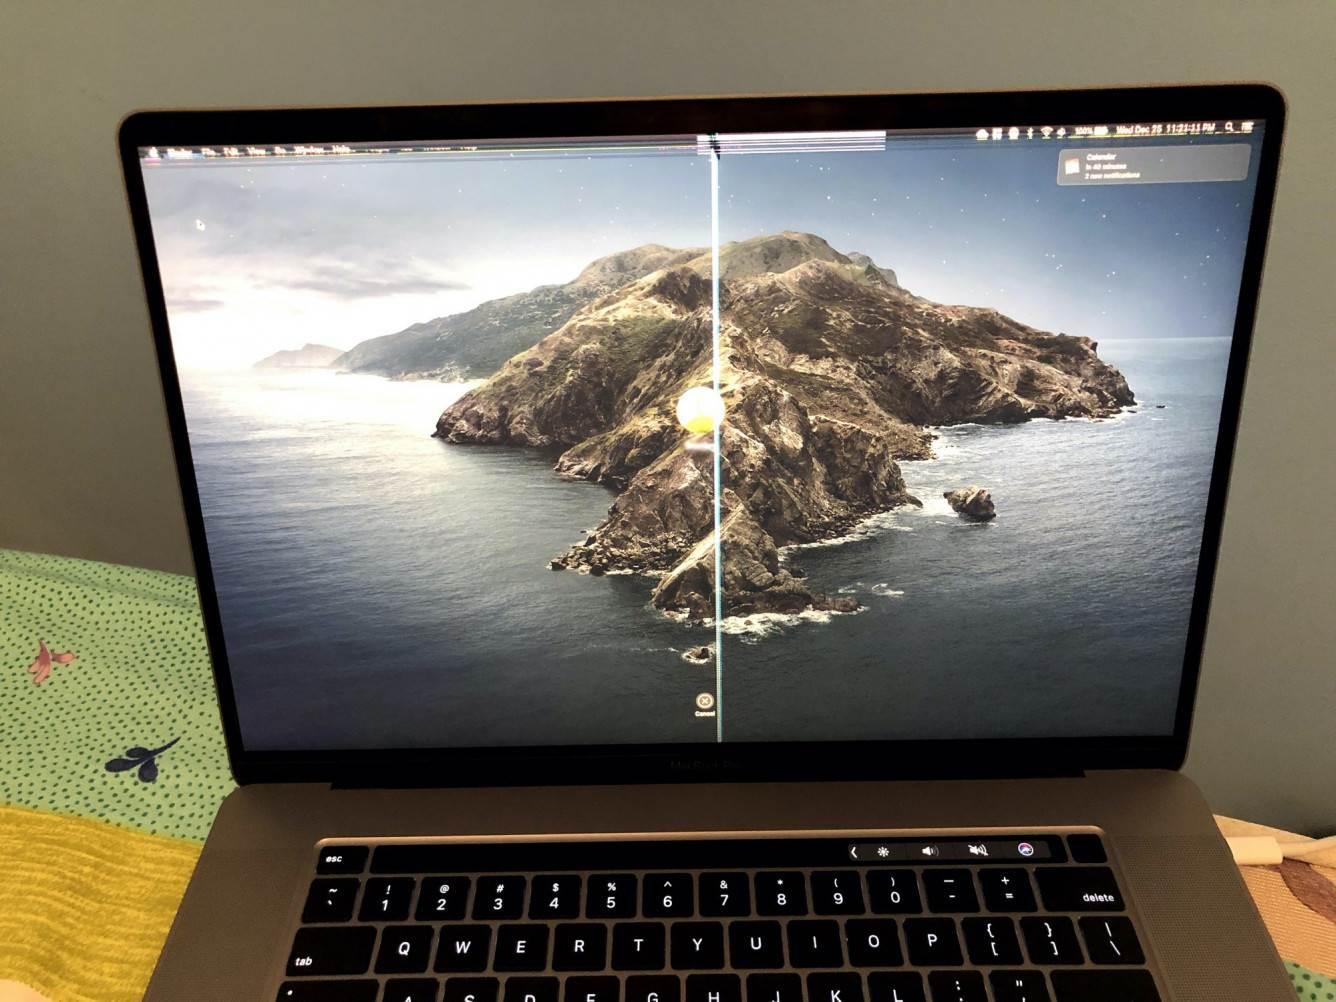 Osłona kamery internetowej może uszkodzić ekran Twojego MacBooka polecane, ciekawostki MacBook, kamera  Jeśli używasz specjalnej nalepki, osłony kamery internetowej na MacBooku, bądź bardzo ostrożny. Jak się okazuje mogą one uszkodzić wyświetlacz Twojego laptopa. macbookcamerabrokendisplay